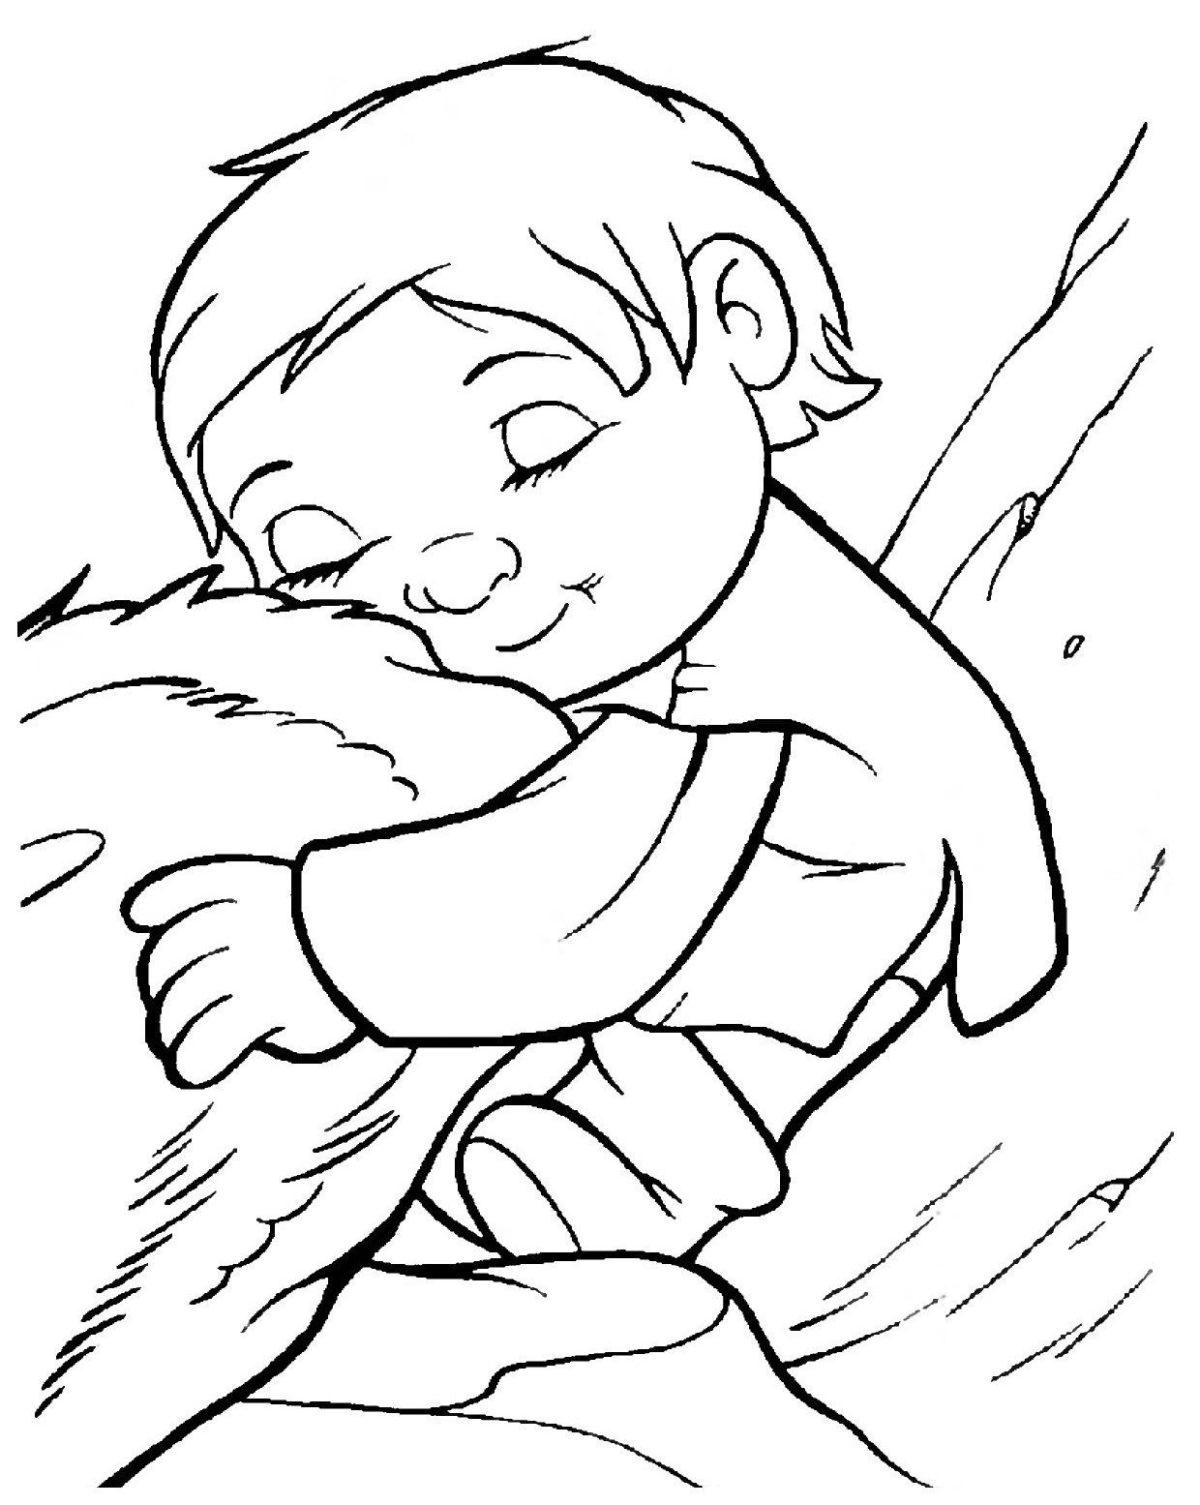 Ребёнок обнимает Мэнни - Картинка для раскрашивания красками-гуашью